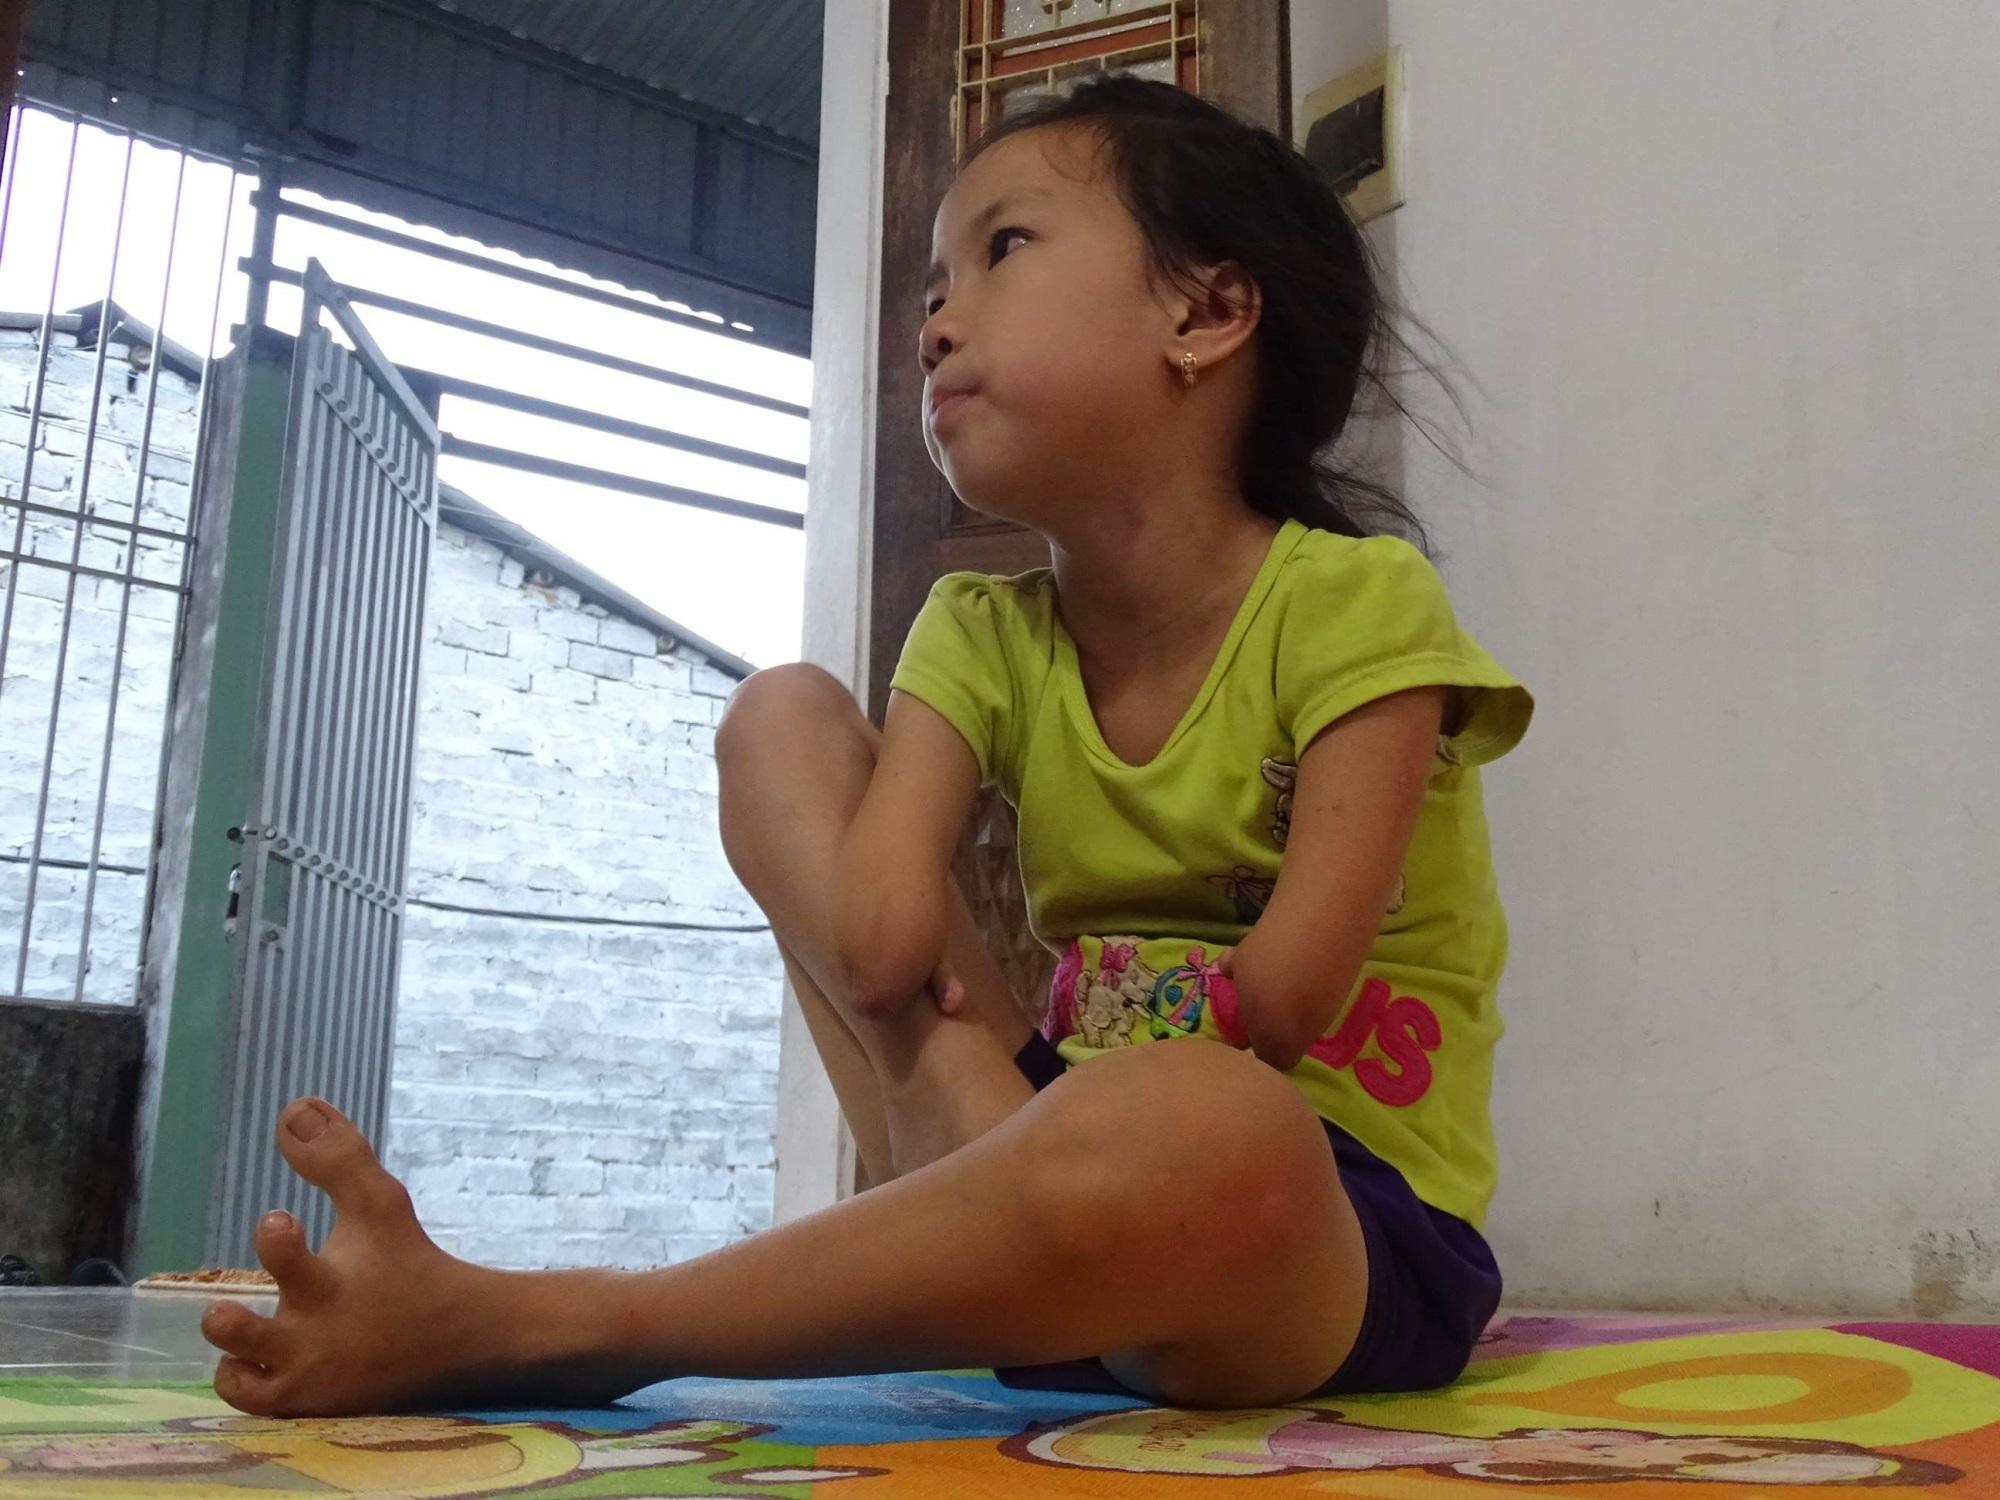 """Nghị lực phi thường của cô bé """"chim cánh cụt"""" 8 tuổi - Ảnh 6"""